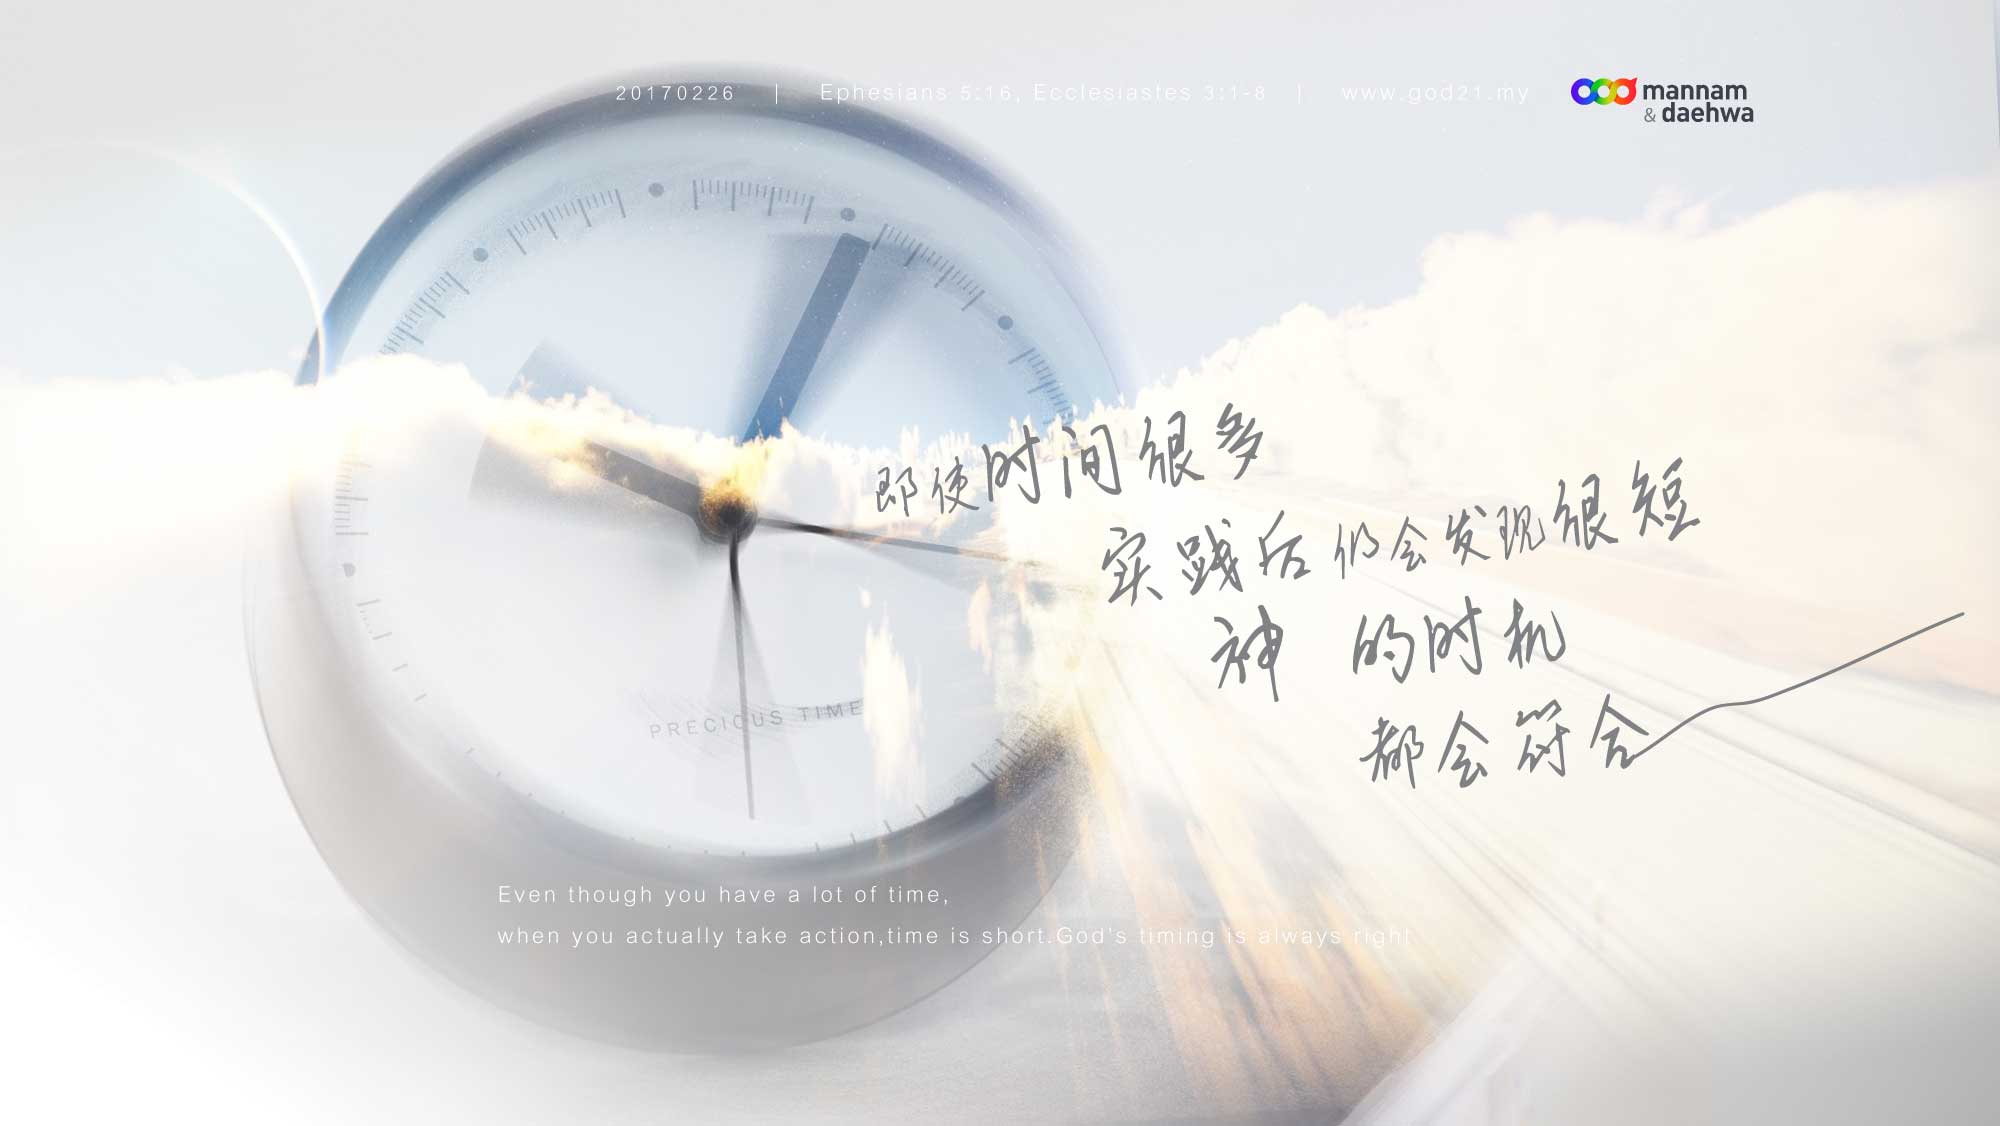 即使时间很多, 实践后仍会发现很短, 神的时机都会符合